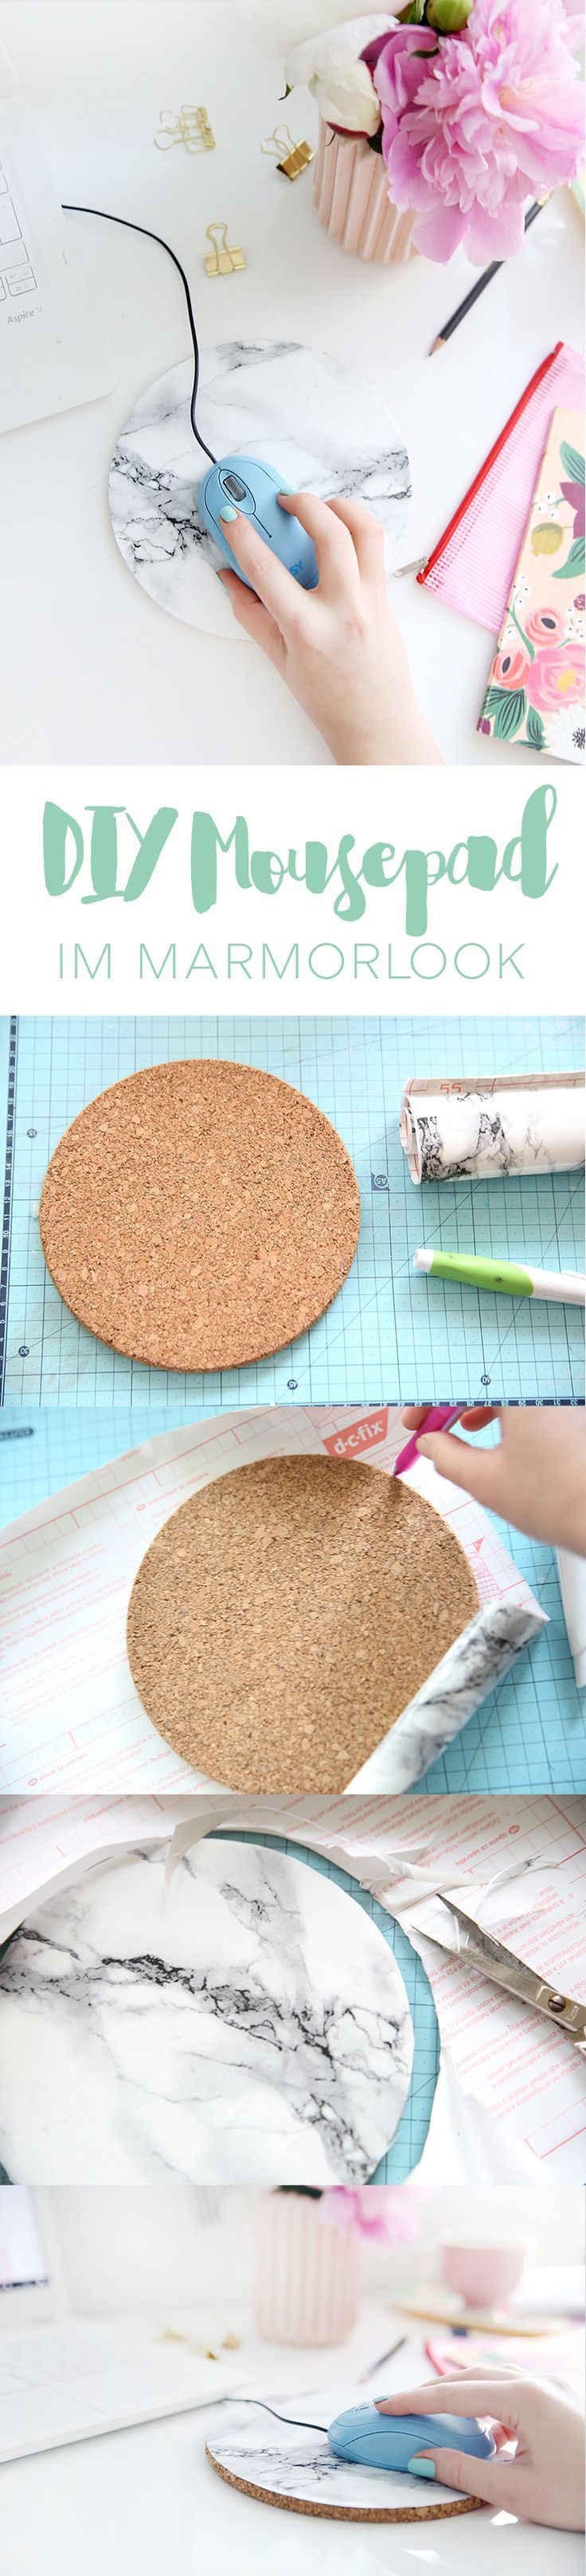 Kreative DIY-Idee zum Selbermachen: Mousepad schnell und einfach selber machen aus Kork und Marmor-Folie